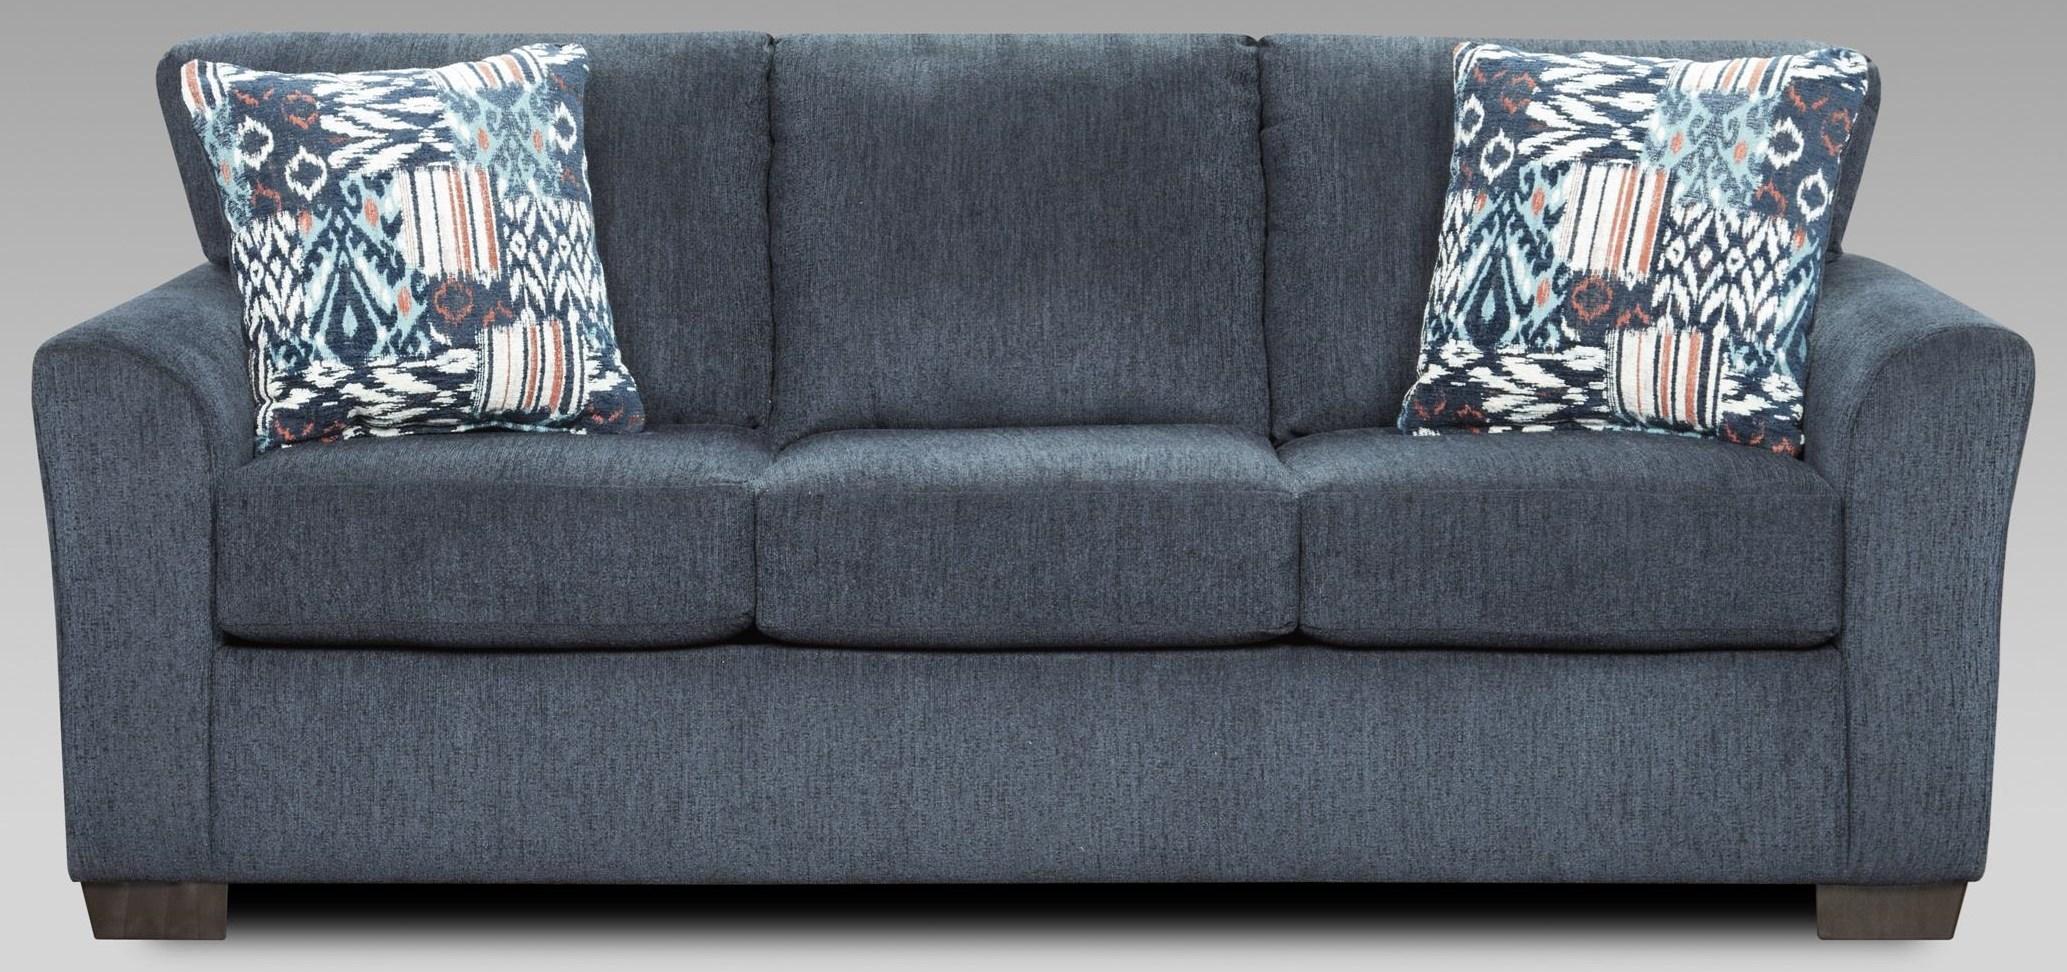 3333 3333 Navy Sofa by Affordable Furniture at Furniture Fair - North Carolina